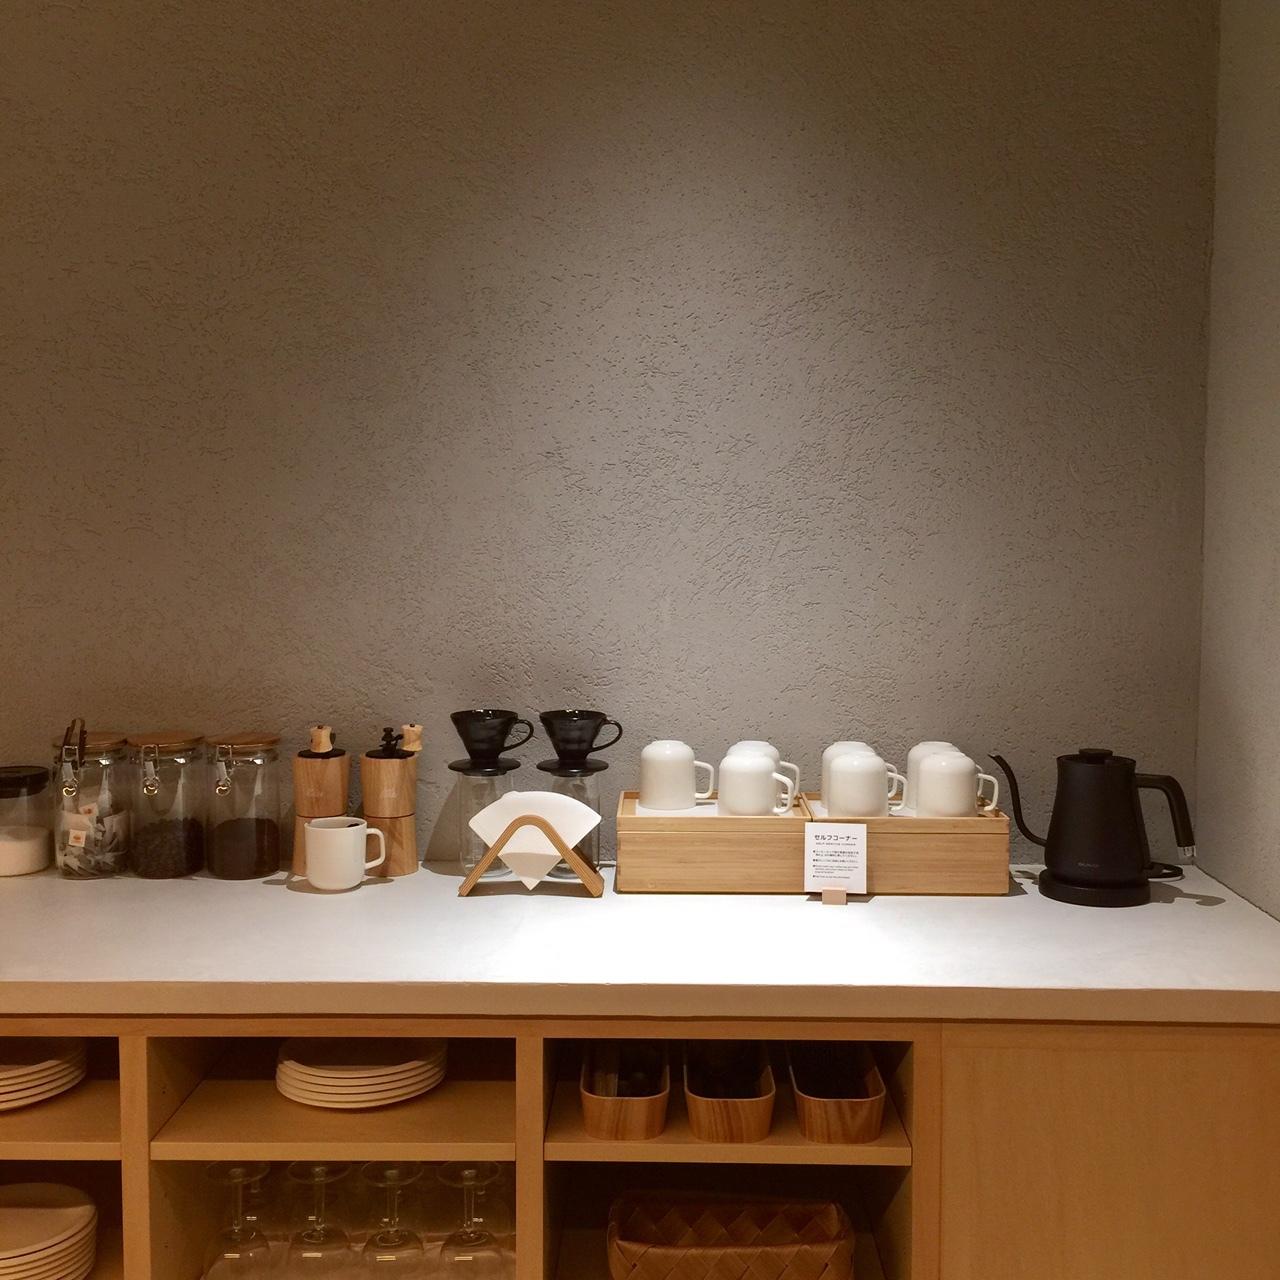 京都にできた北欧スタイルの宿、MAJA HOTEL KYOTOに泊まる!_1_4-7